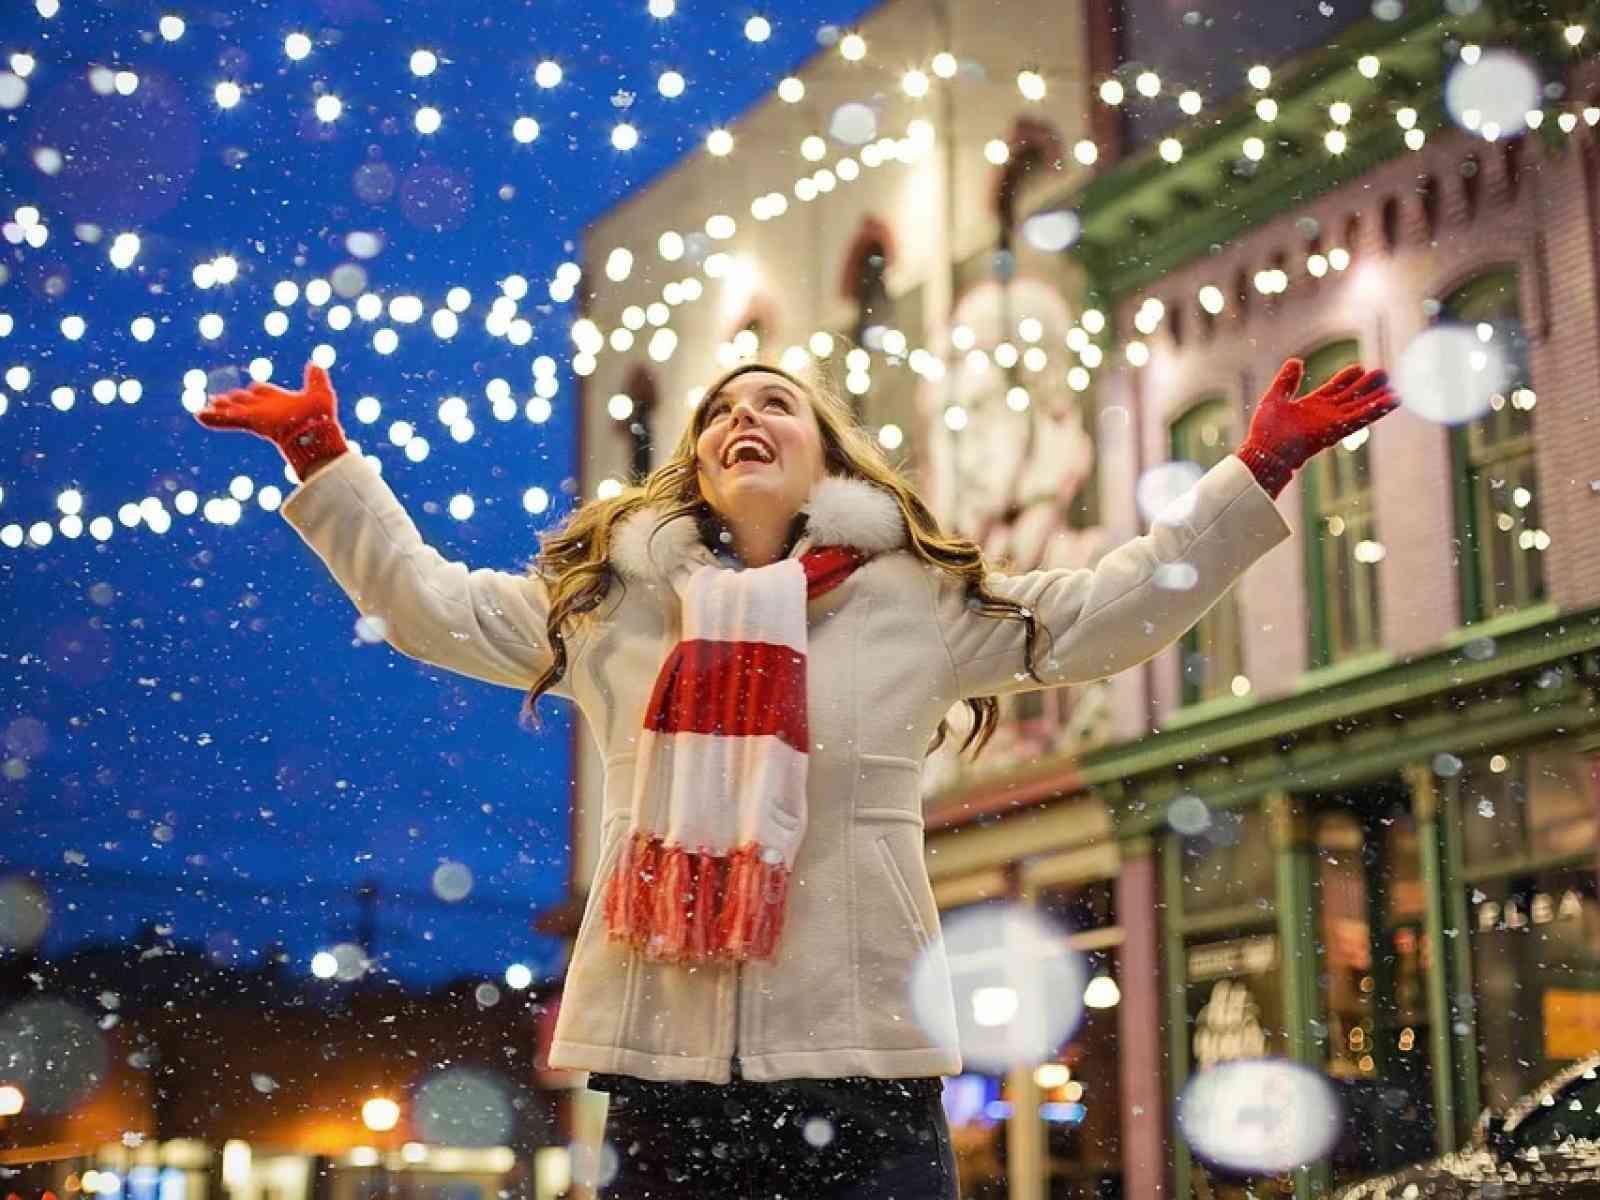 Immagine articolo: Natale, Codacons: consumi segneranno calo record. quasi 3 italiani su 10 rinunciano a regali